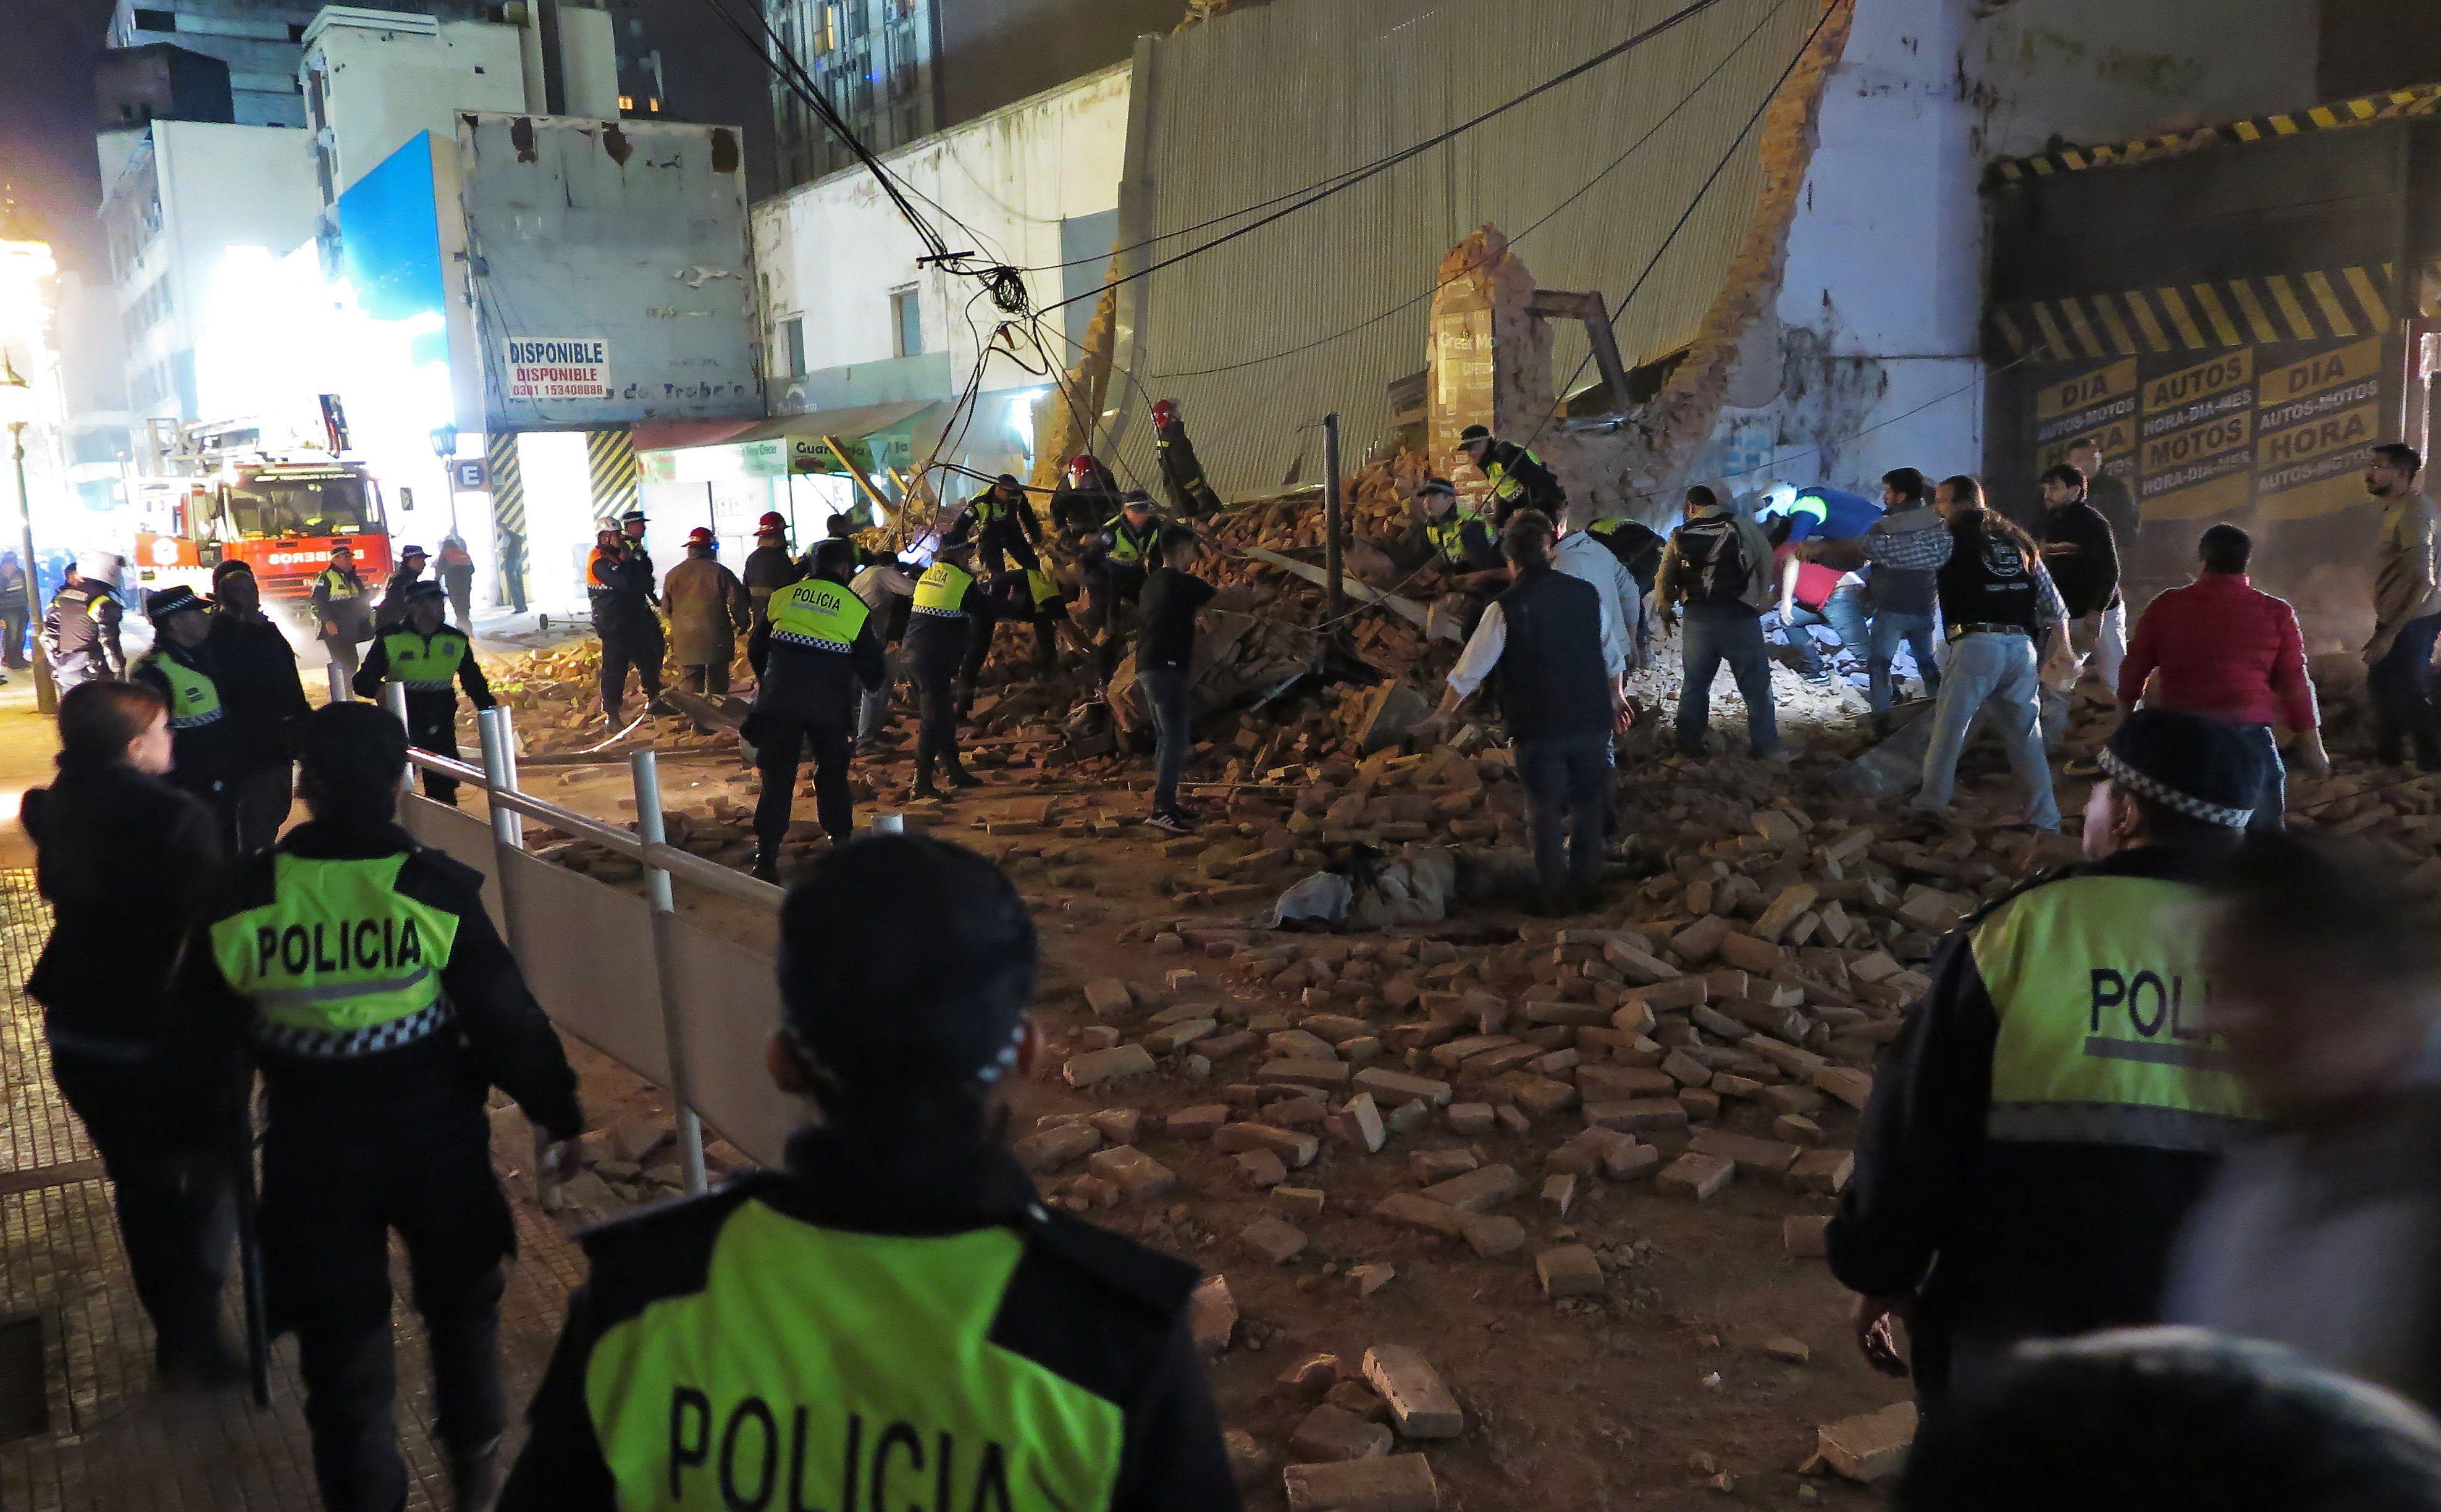 1276104-انهيار-مبنى-للسينما-فى-الارجنتين